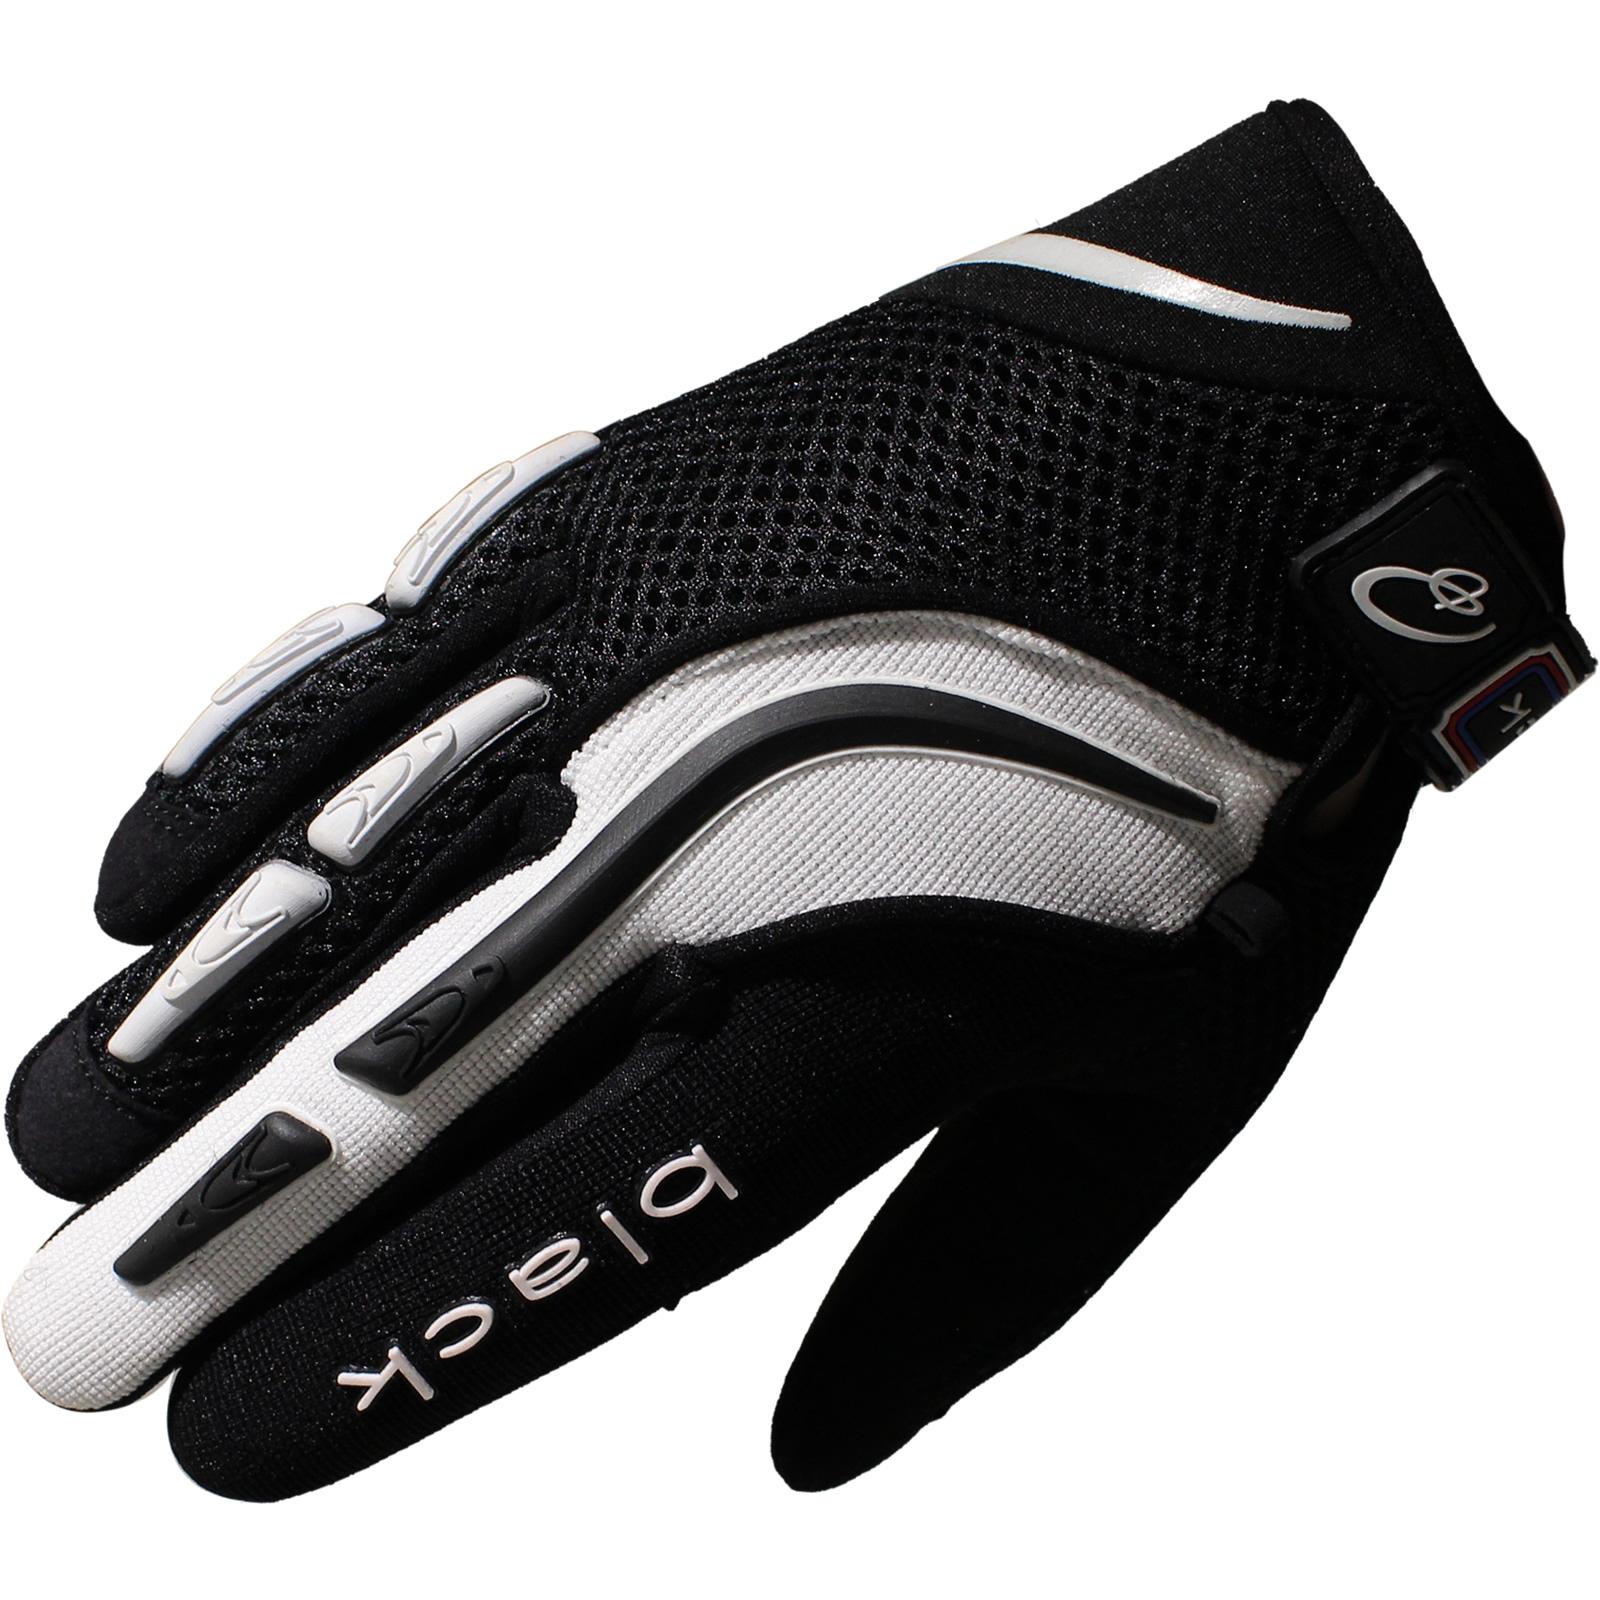 5236-Black-Raw-Gloves-Black-White-1